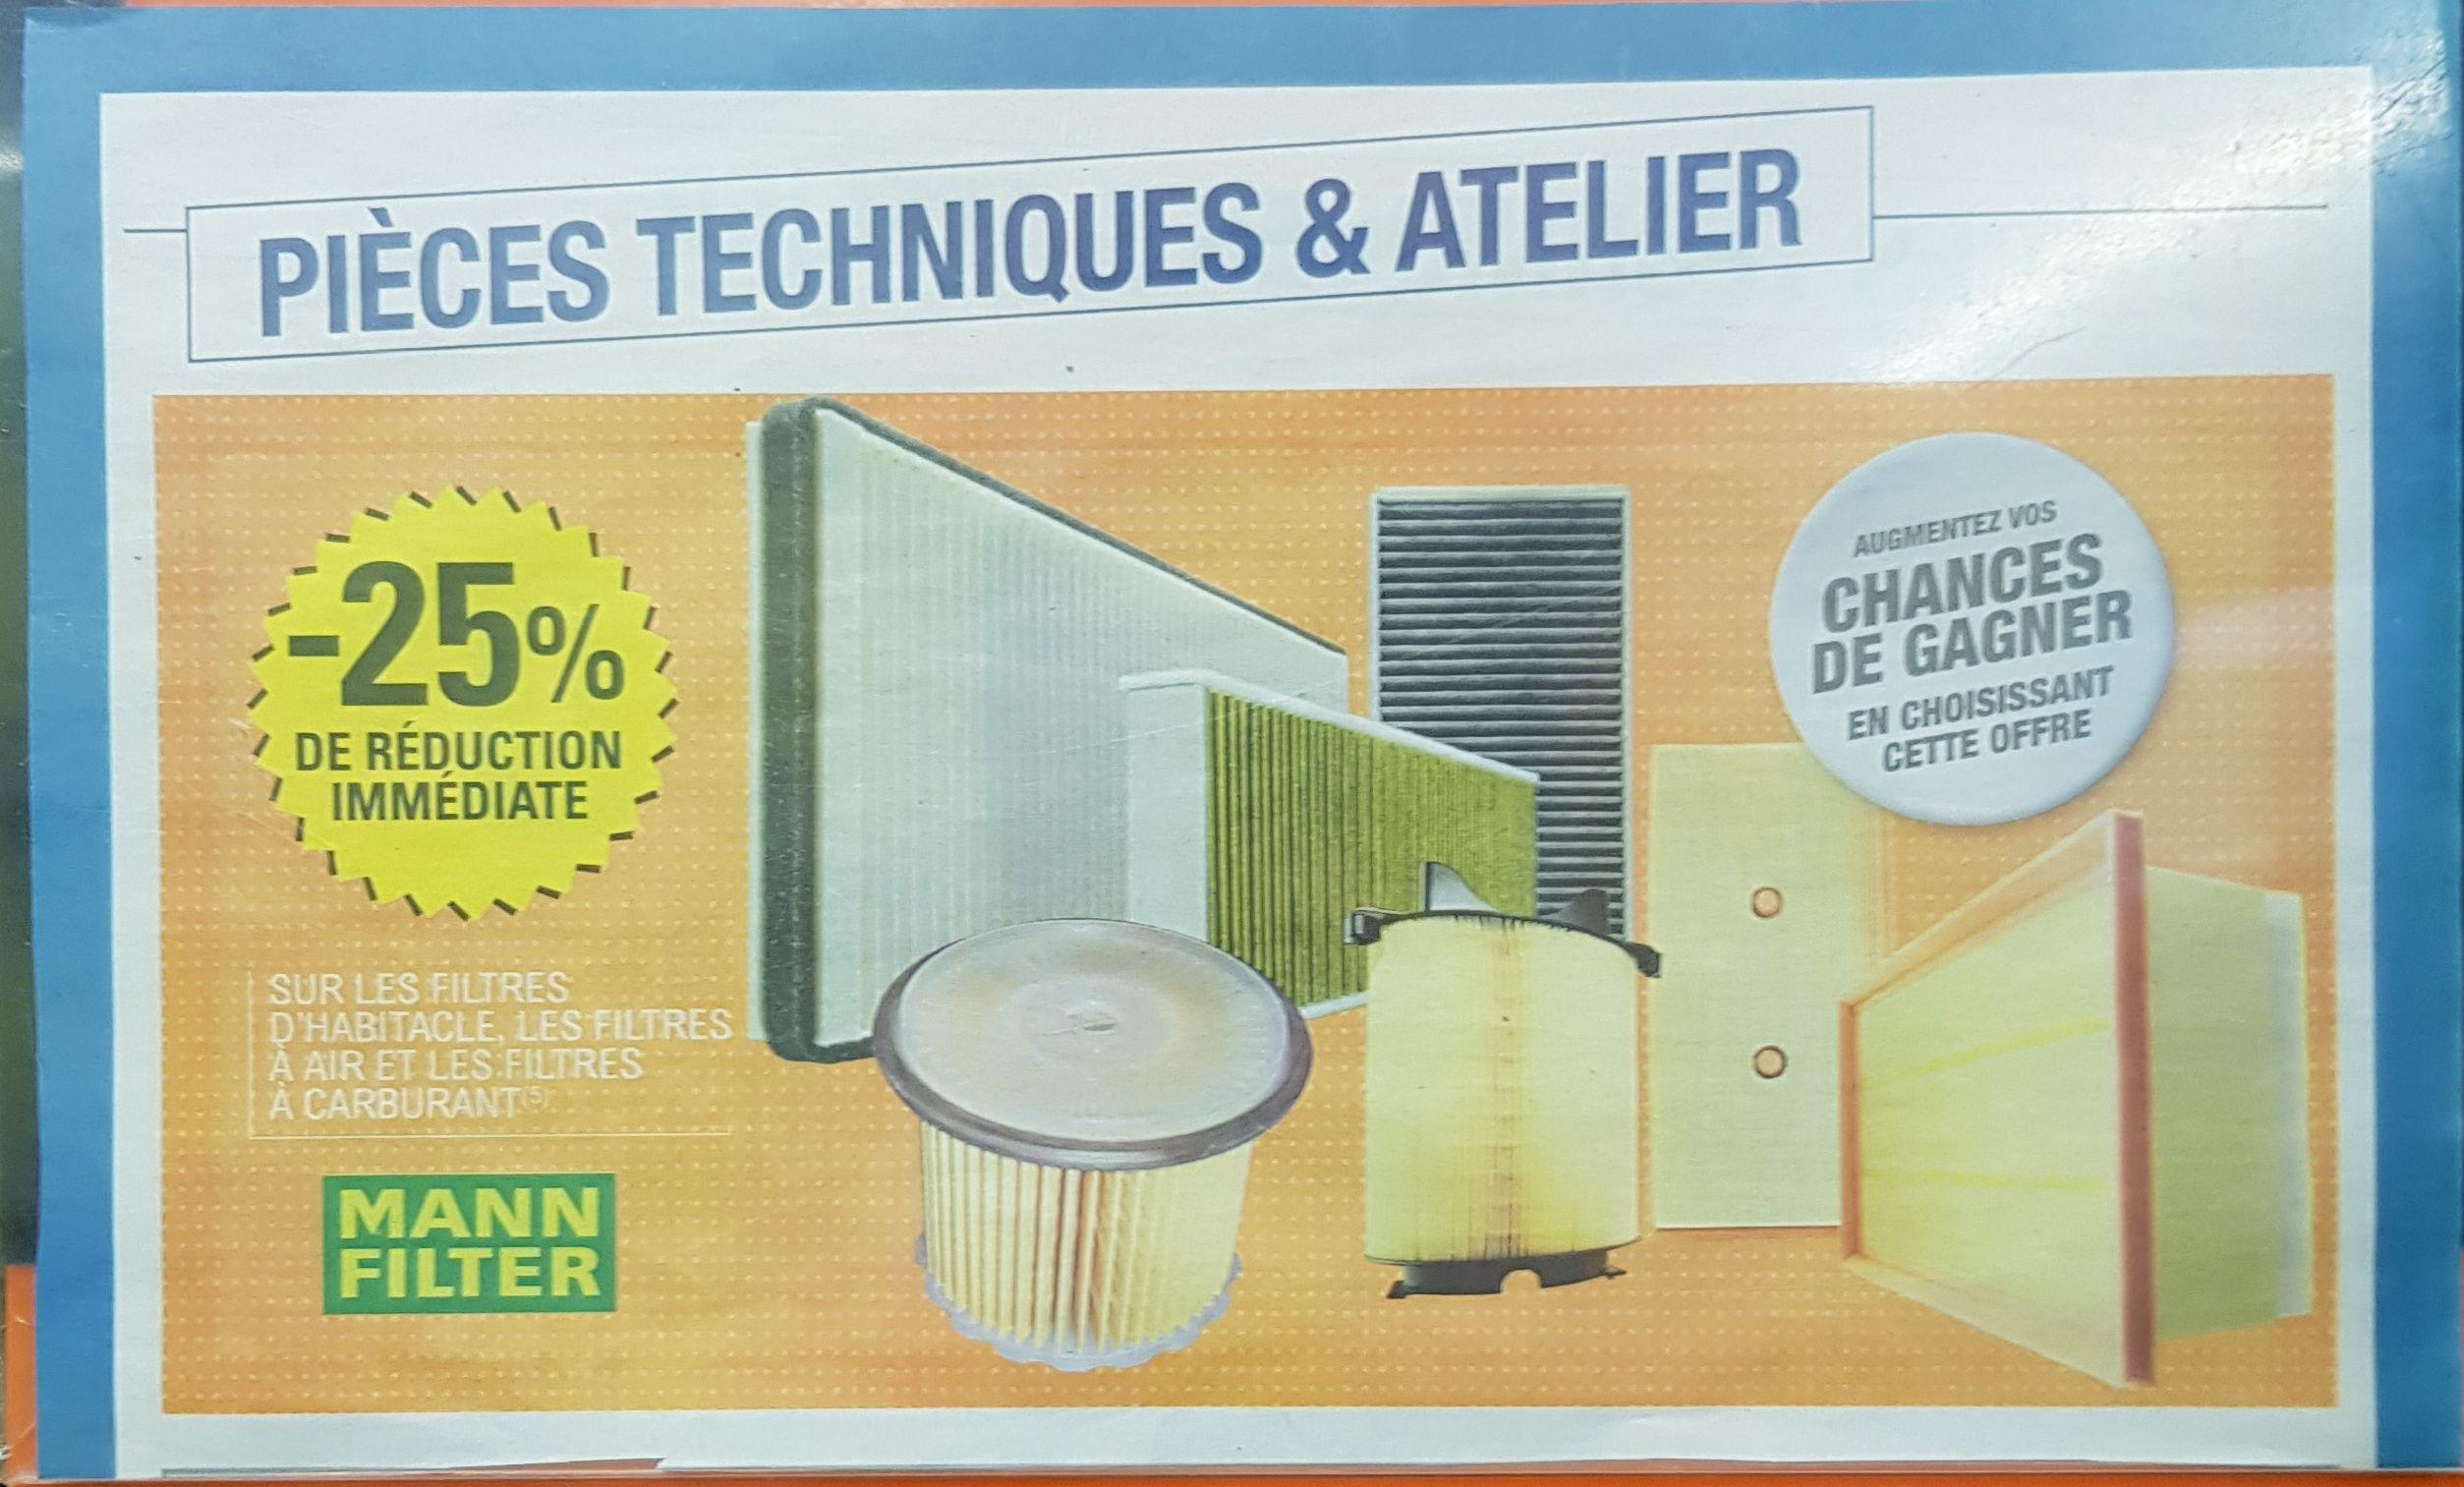 25% de réduction immédiate sur les filtres Mann Filter habitacle, air et carburant - Montargis (45)